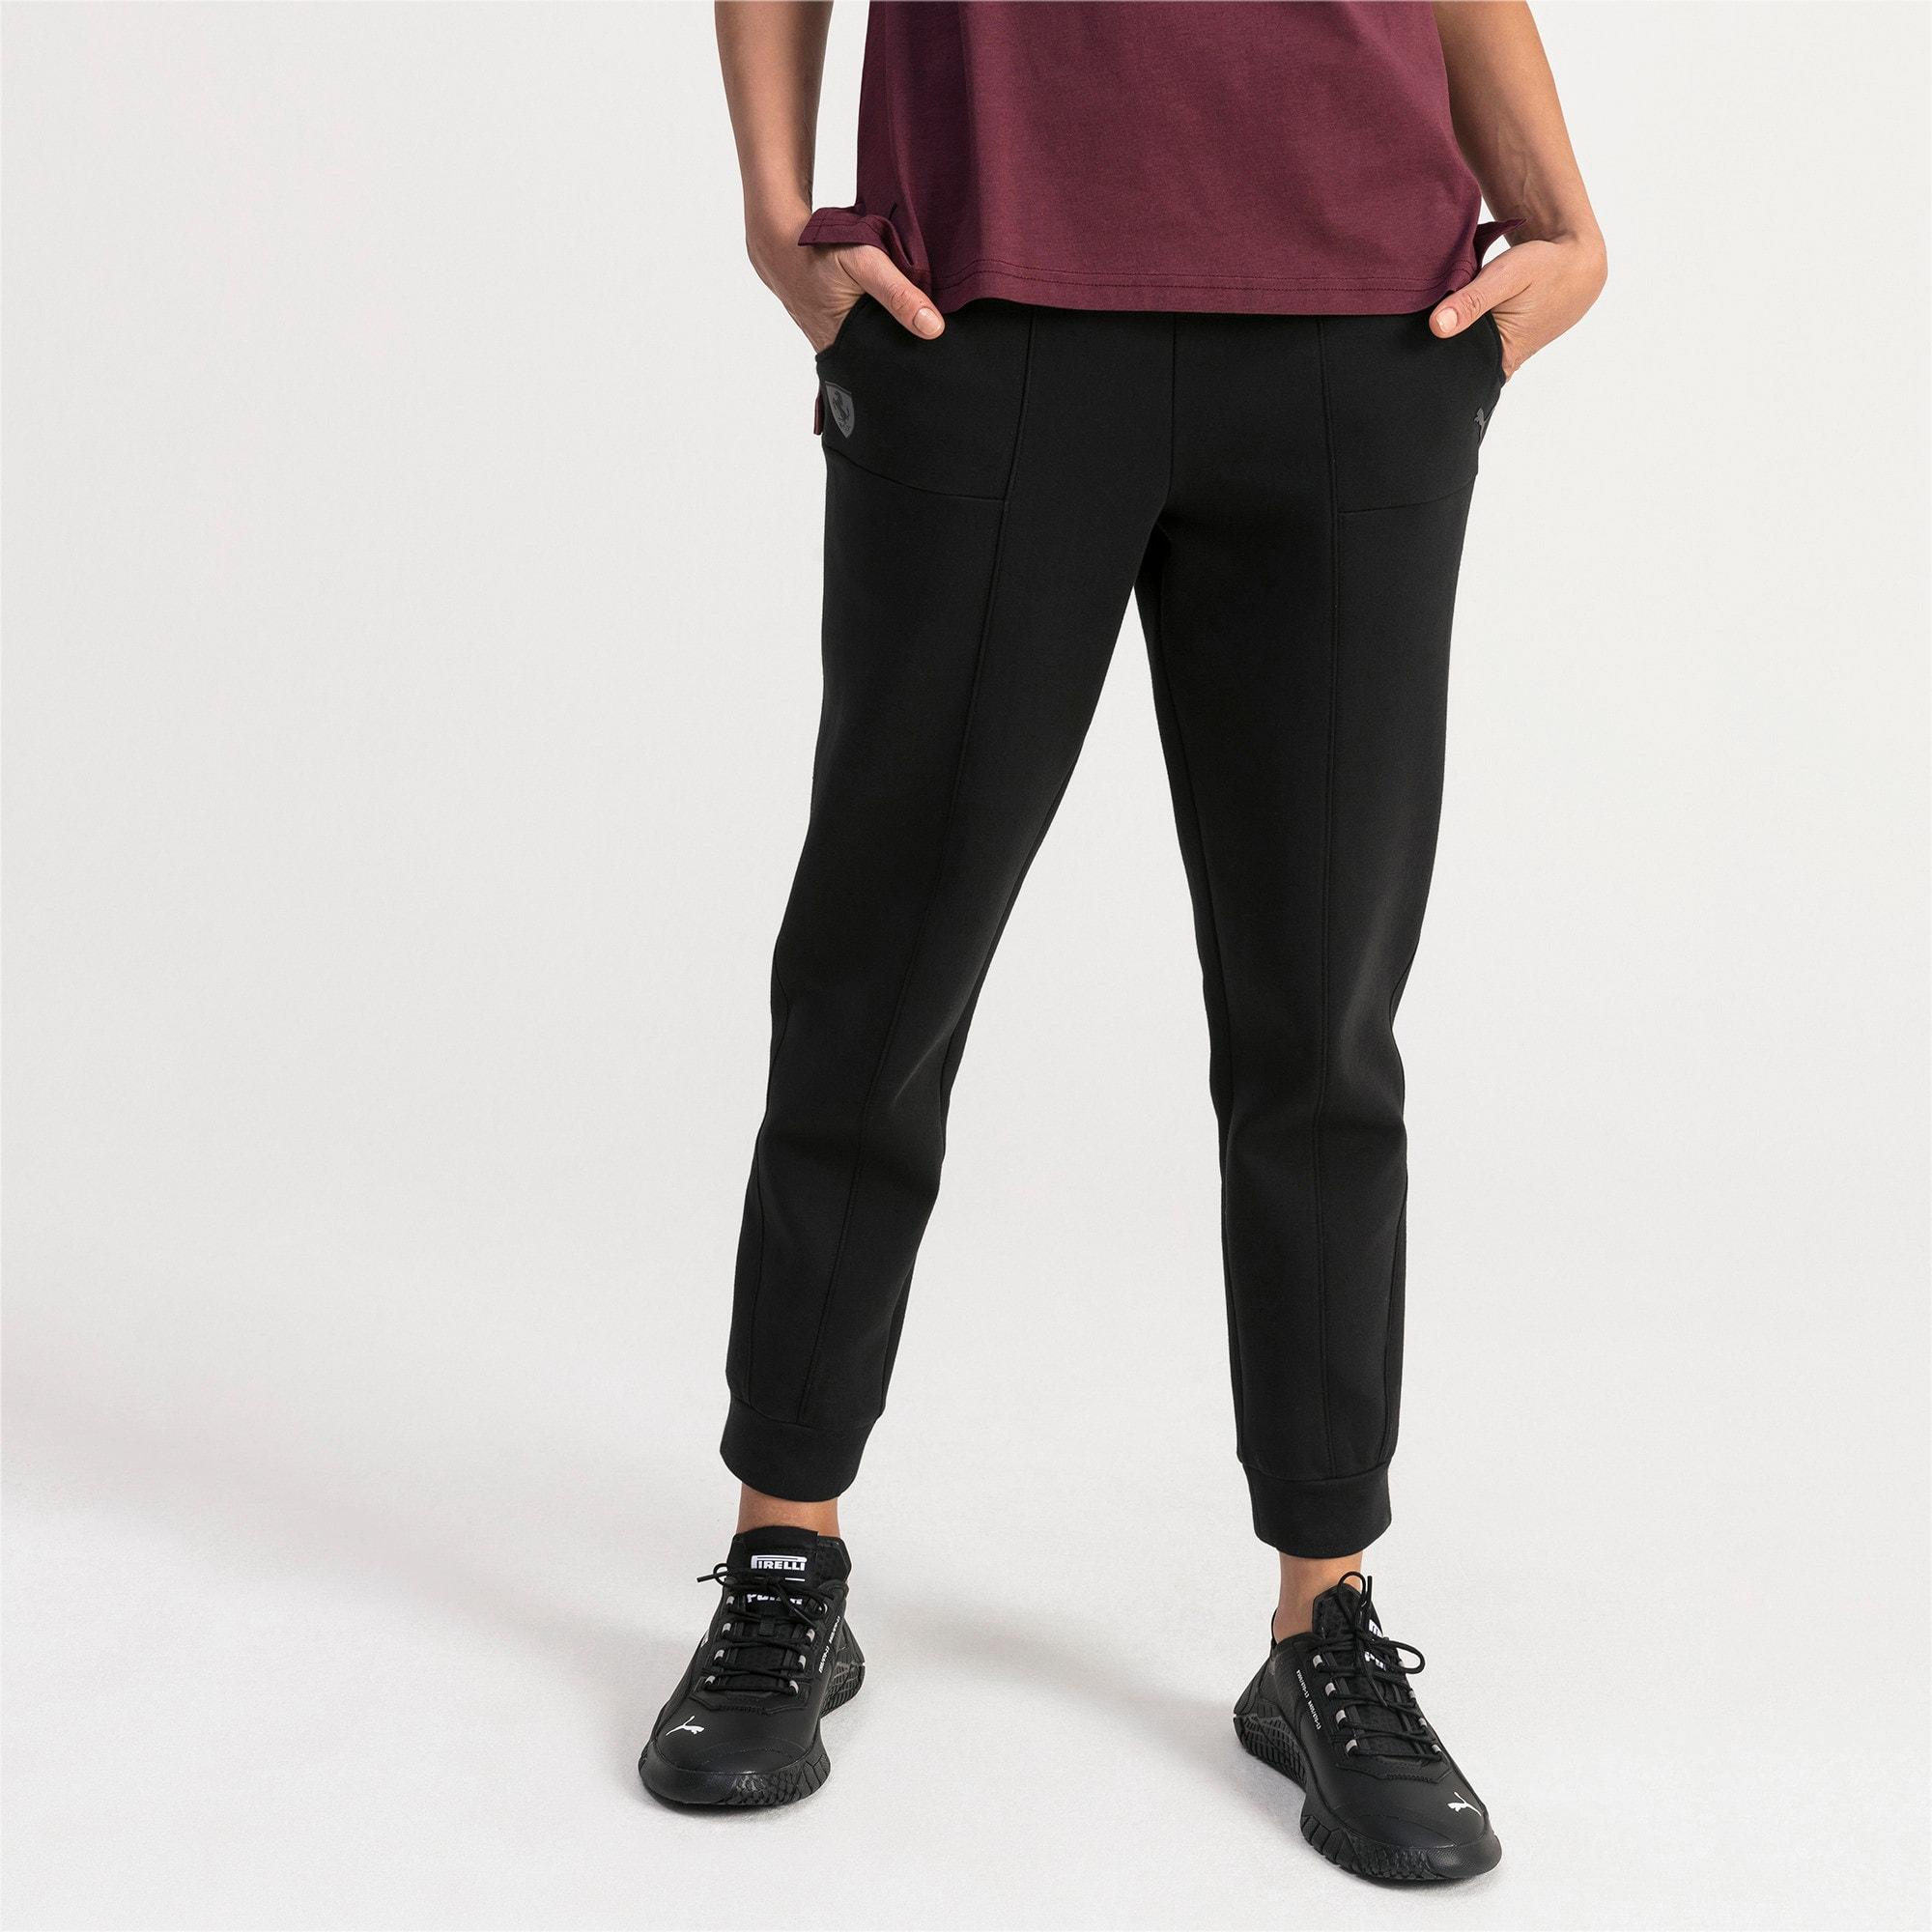 Thumbnail 1 of Ferrari Women's Sweatpants, Puma Black, medium